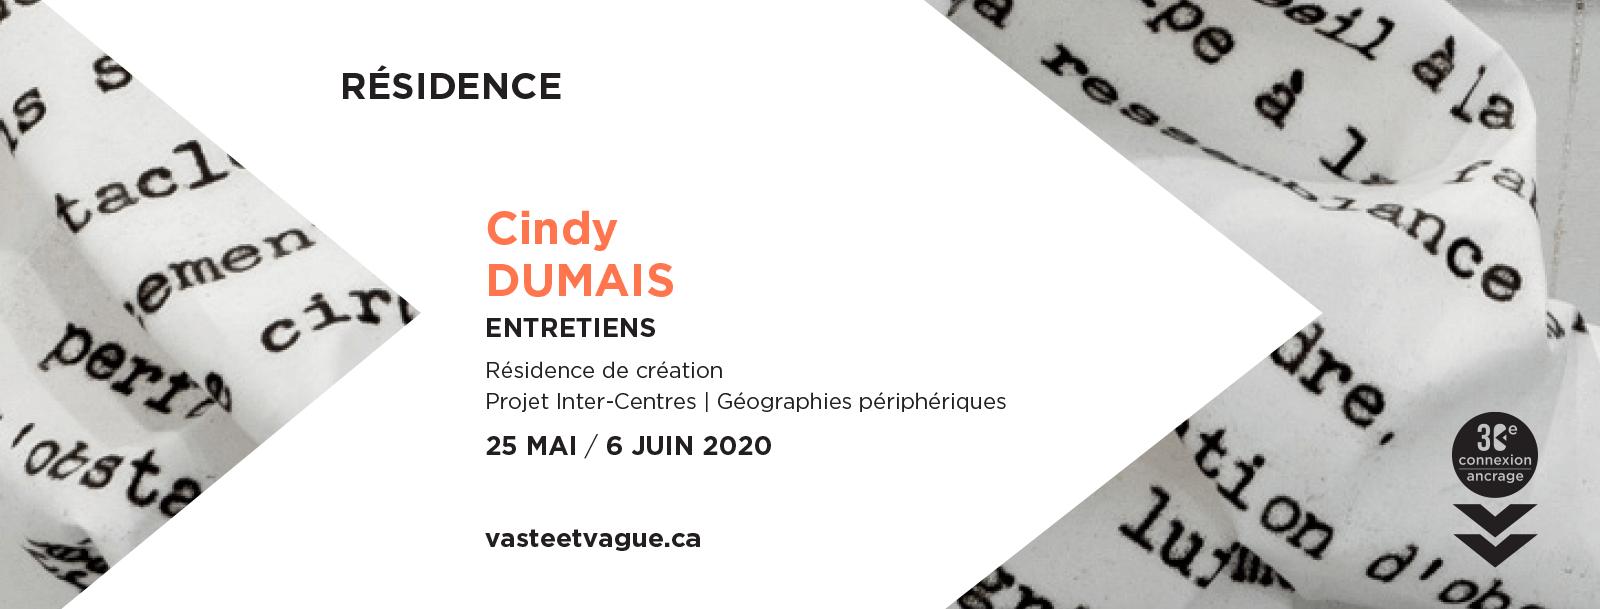 ENTRETIENS | Résidence de création | Cindy DUMAIS